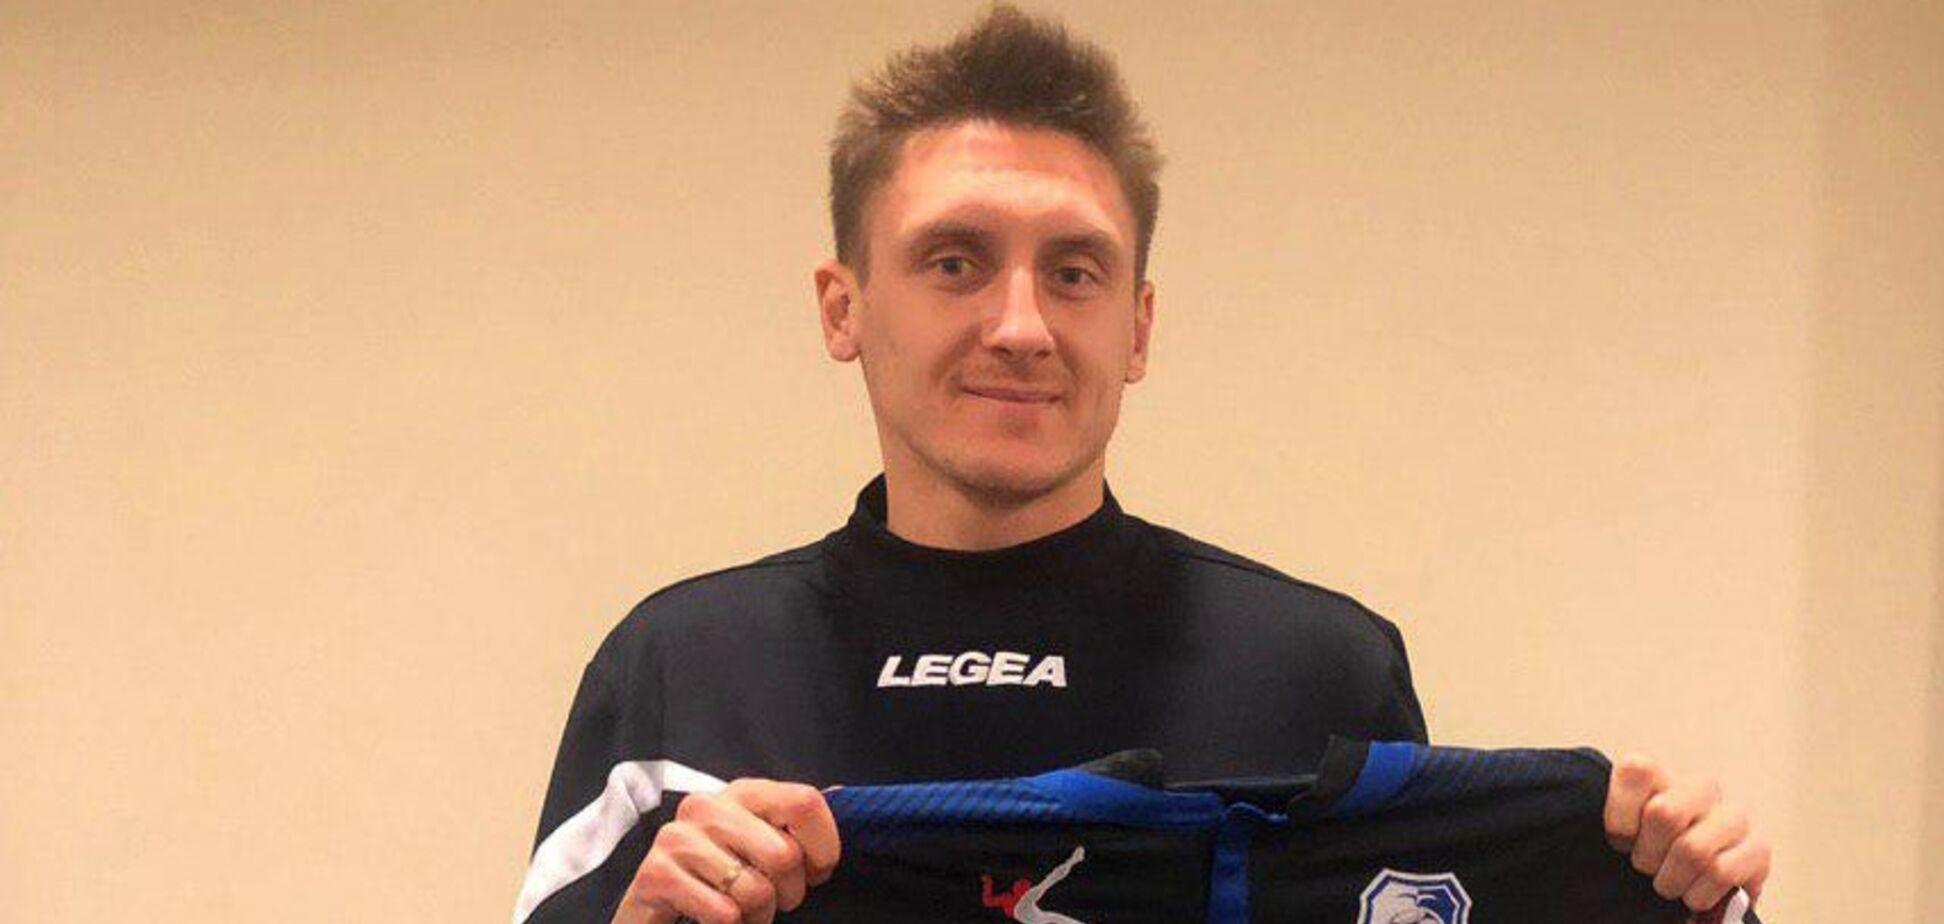 Впервые за 5 лет: клуб украинской Премьер-лиги подписал россиянина